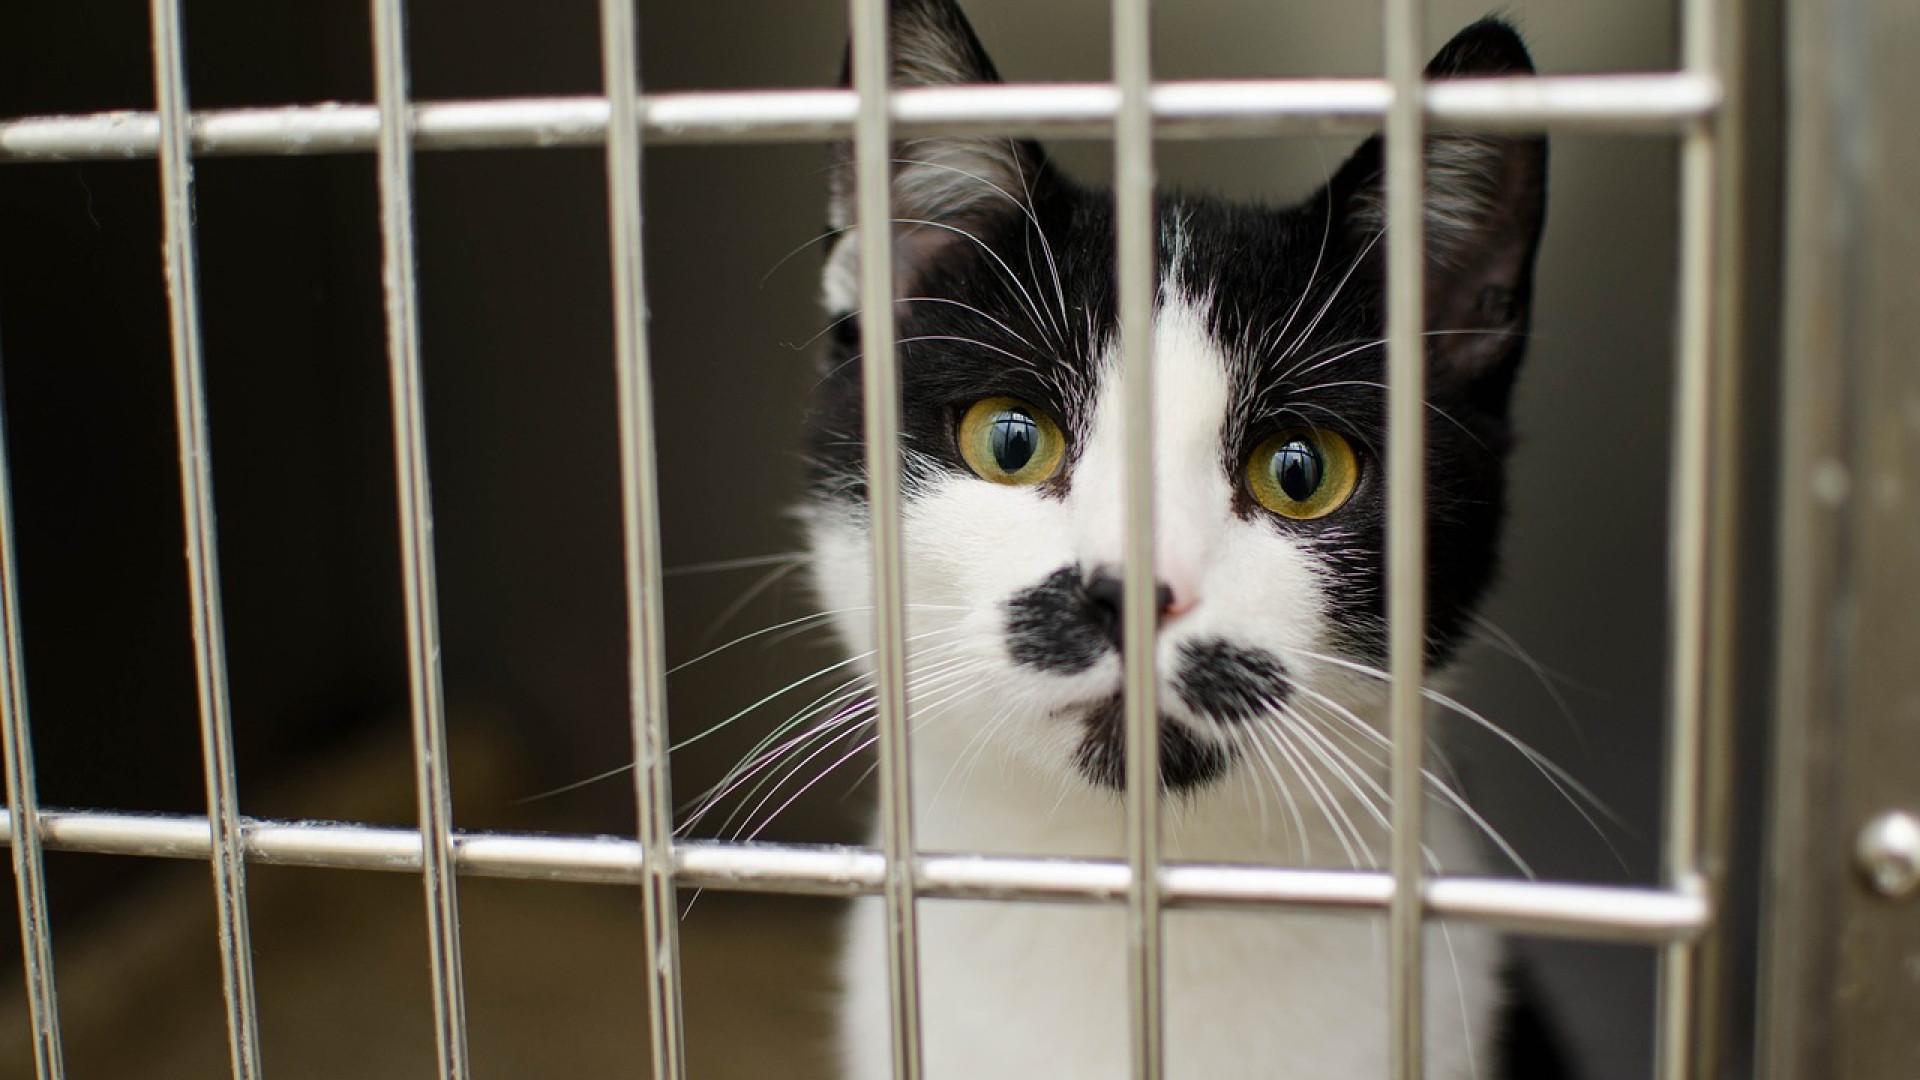 Comparer les cages de transport pour chat pour mieux choisir